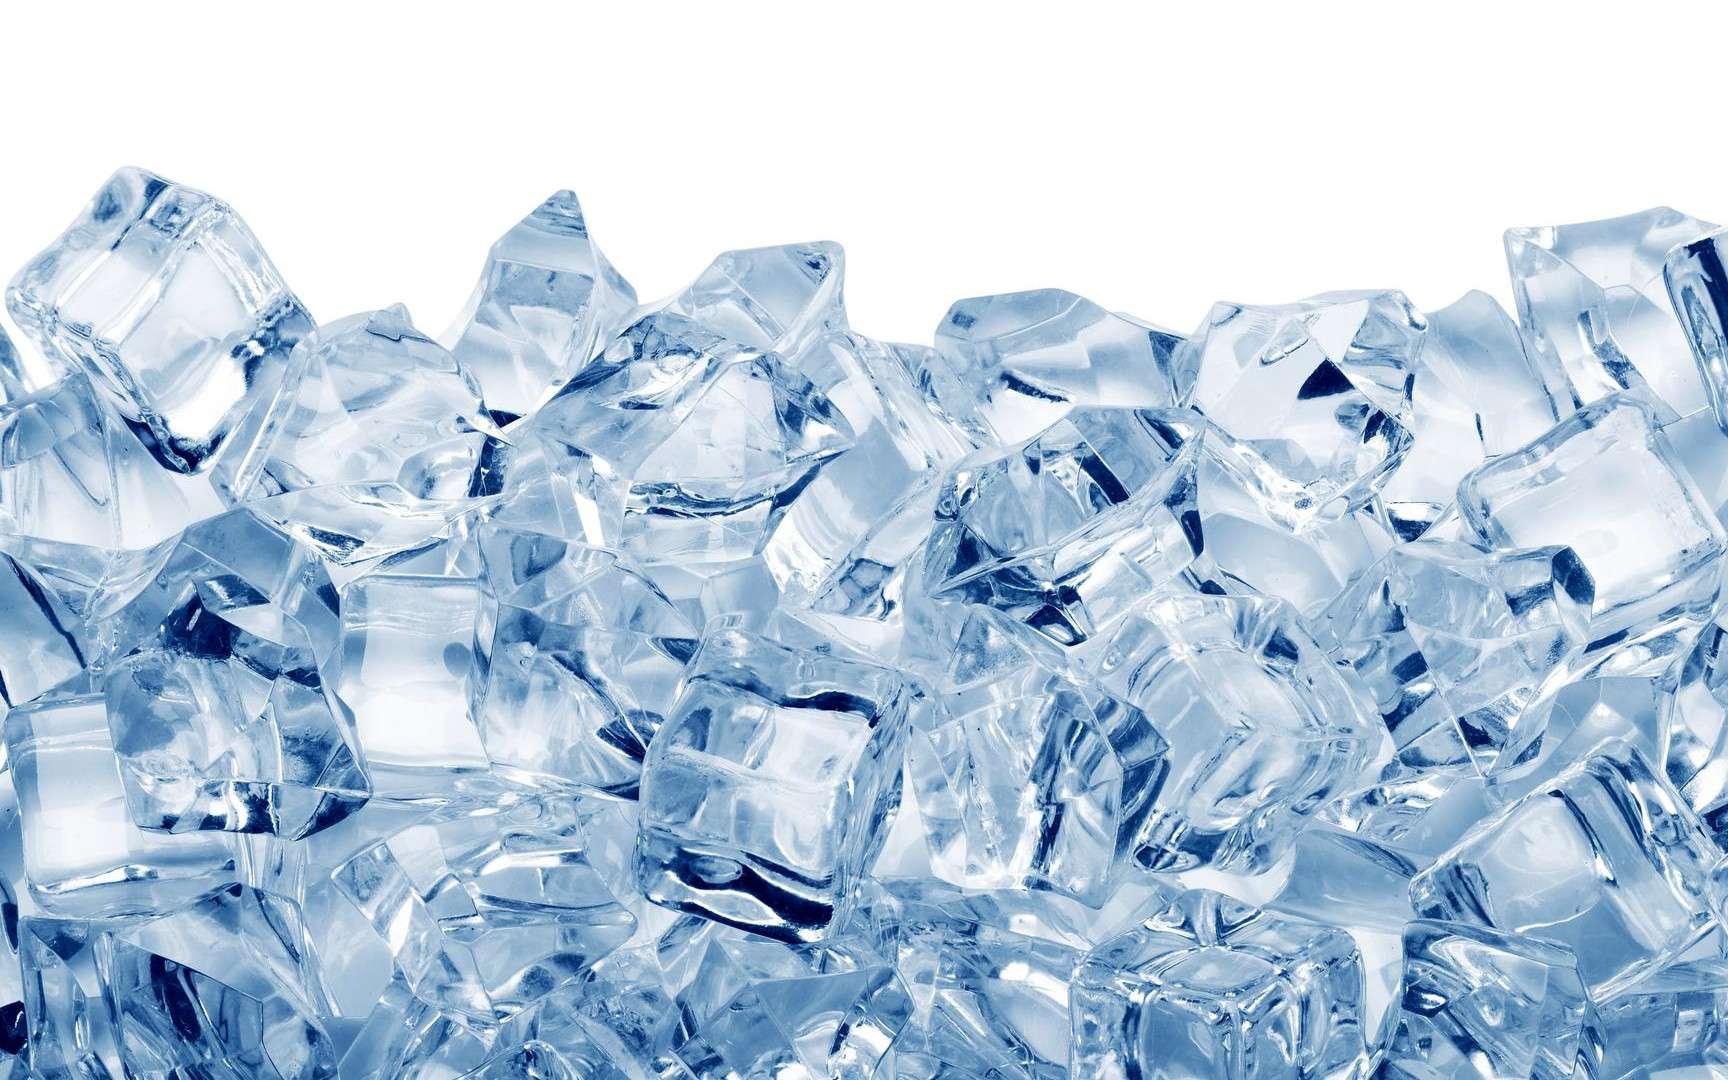 L'eau chaude gèle plus vite que l'eau froide : c'est ce qu'on appelle « l'effet Mpemba ». © Volodymyr Krasyuk, Shutterstock